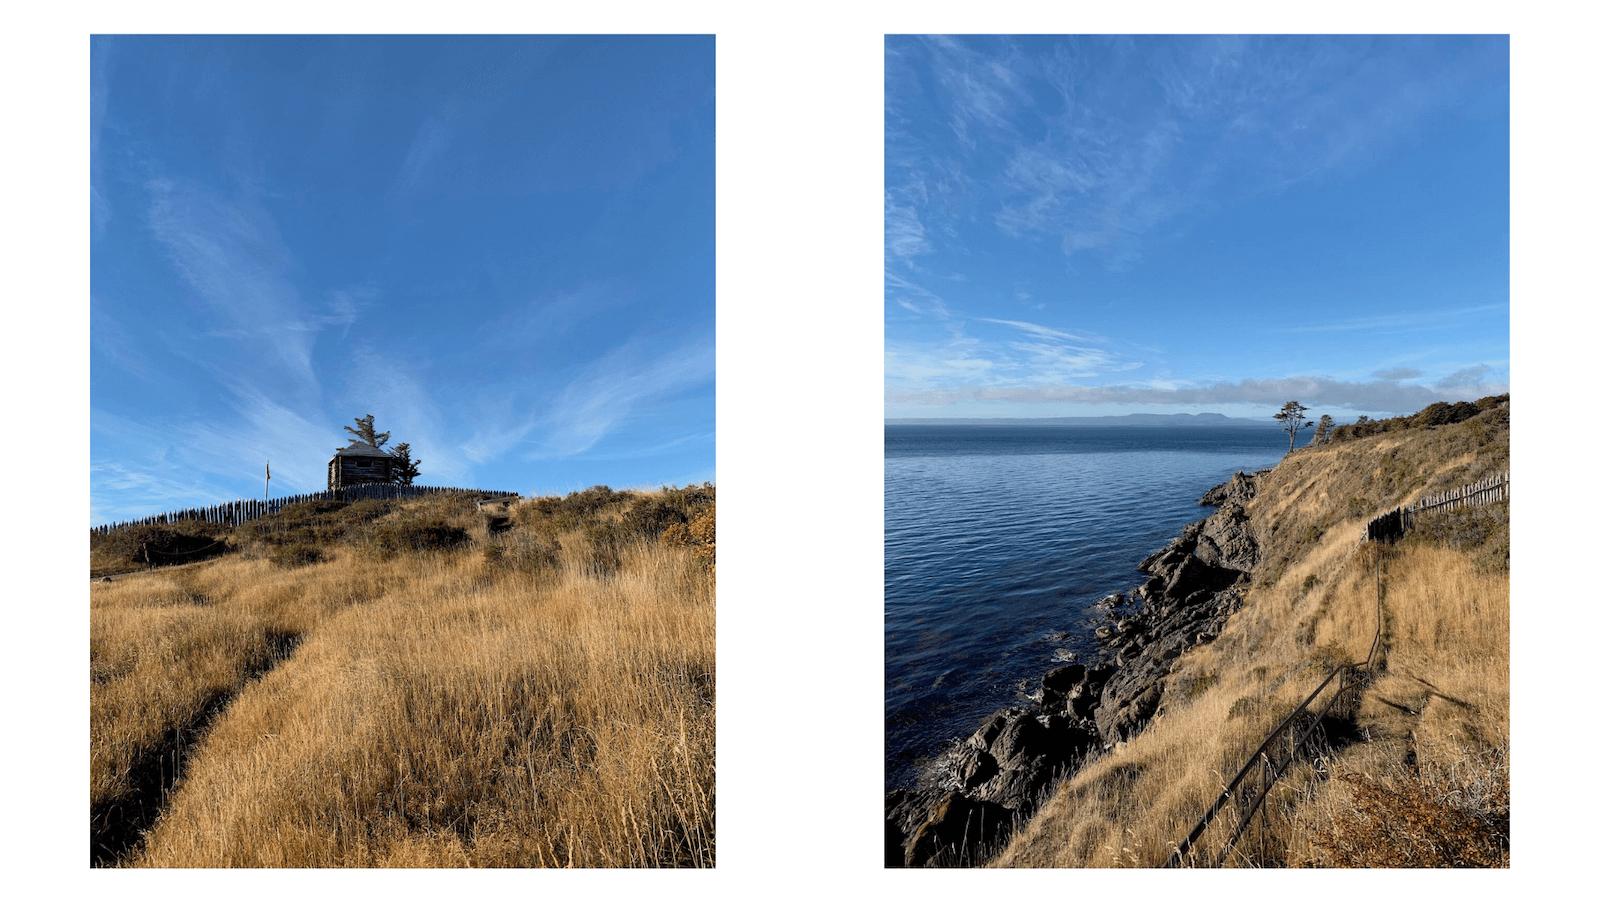 Magellan Strait